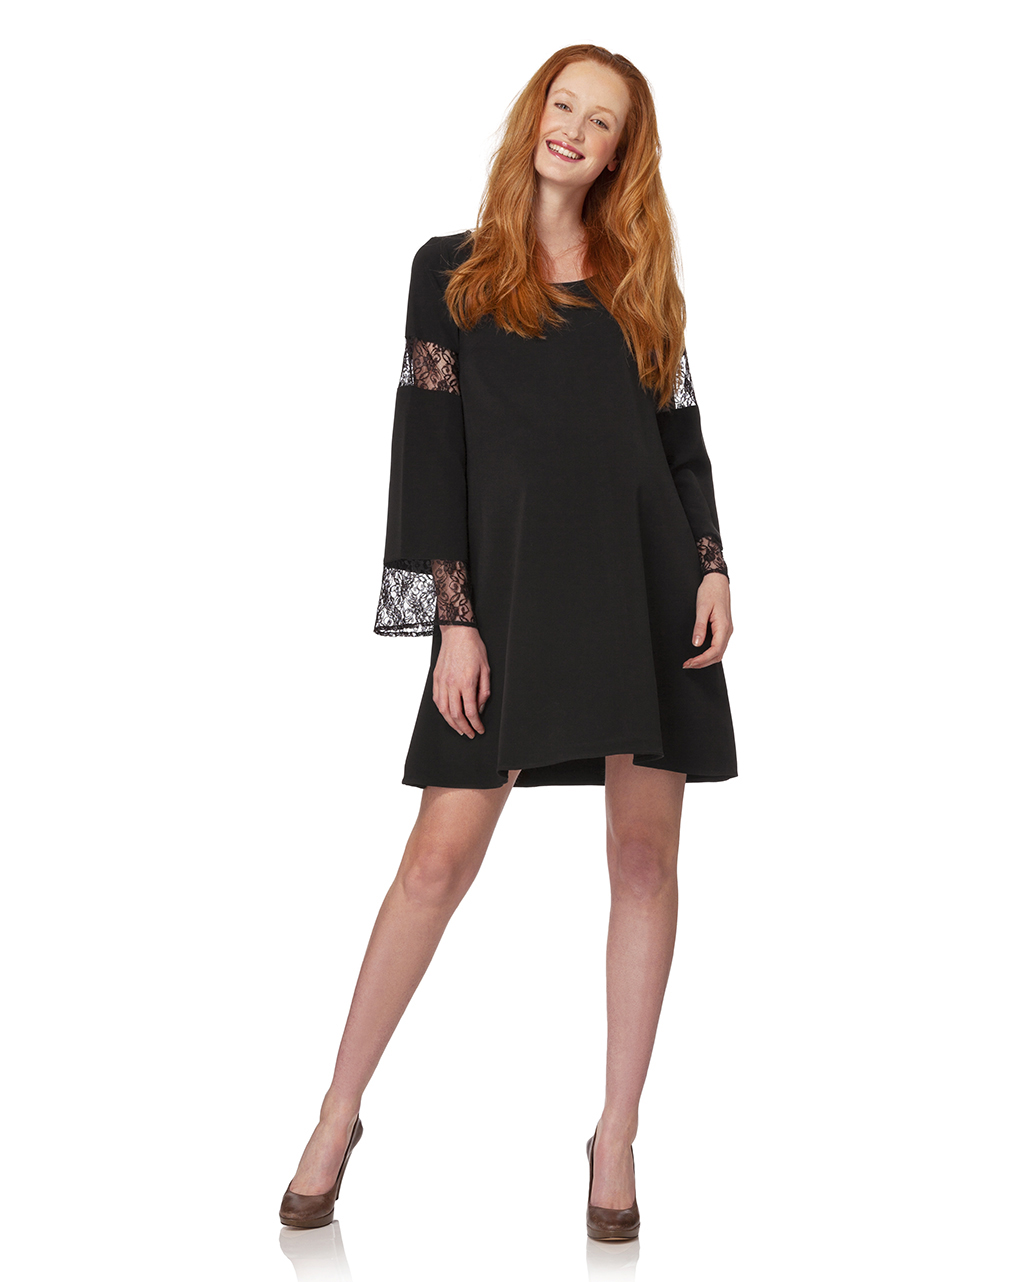 Γυναικείο Φόρεμα Μαύρο με Ένθετα Δαντέλας